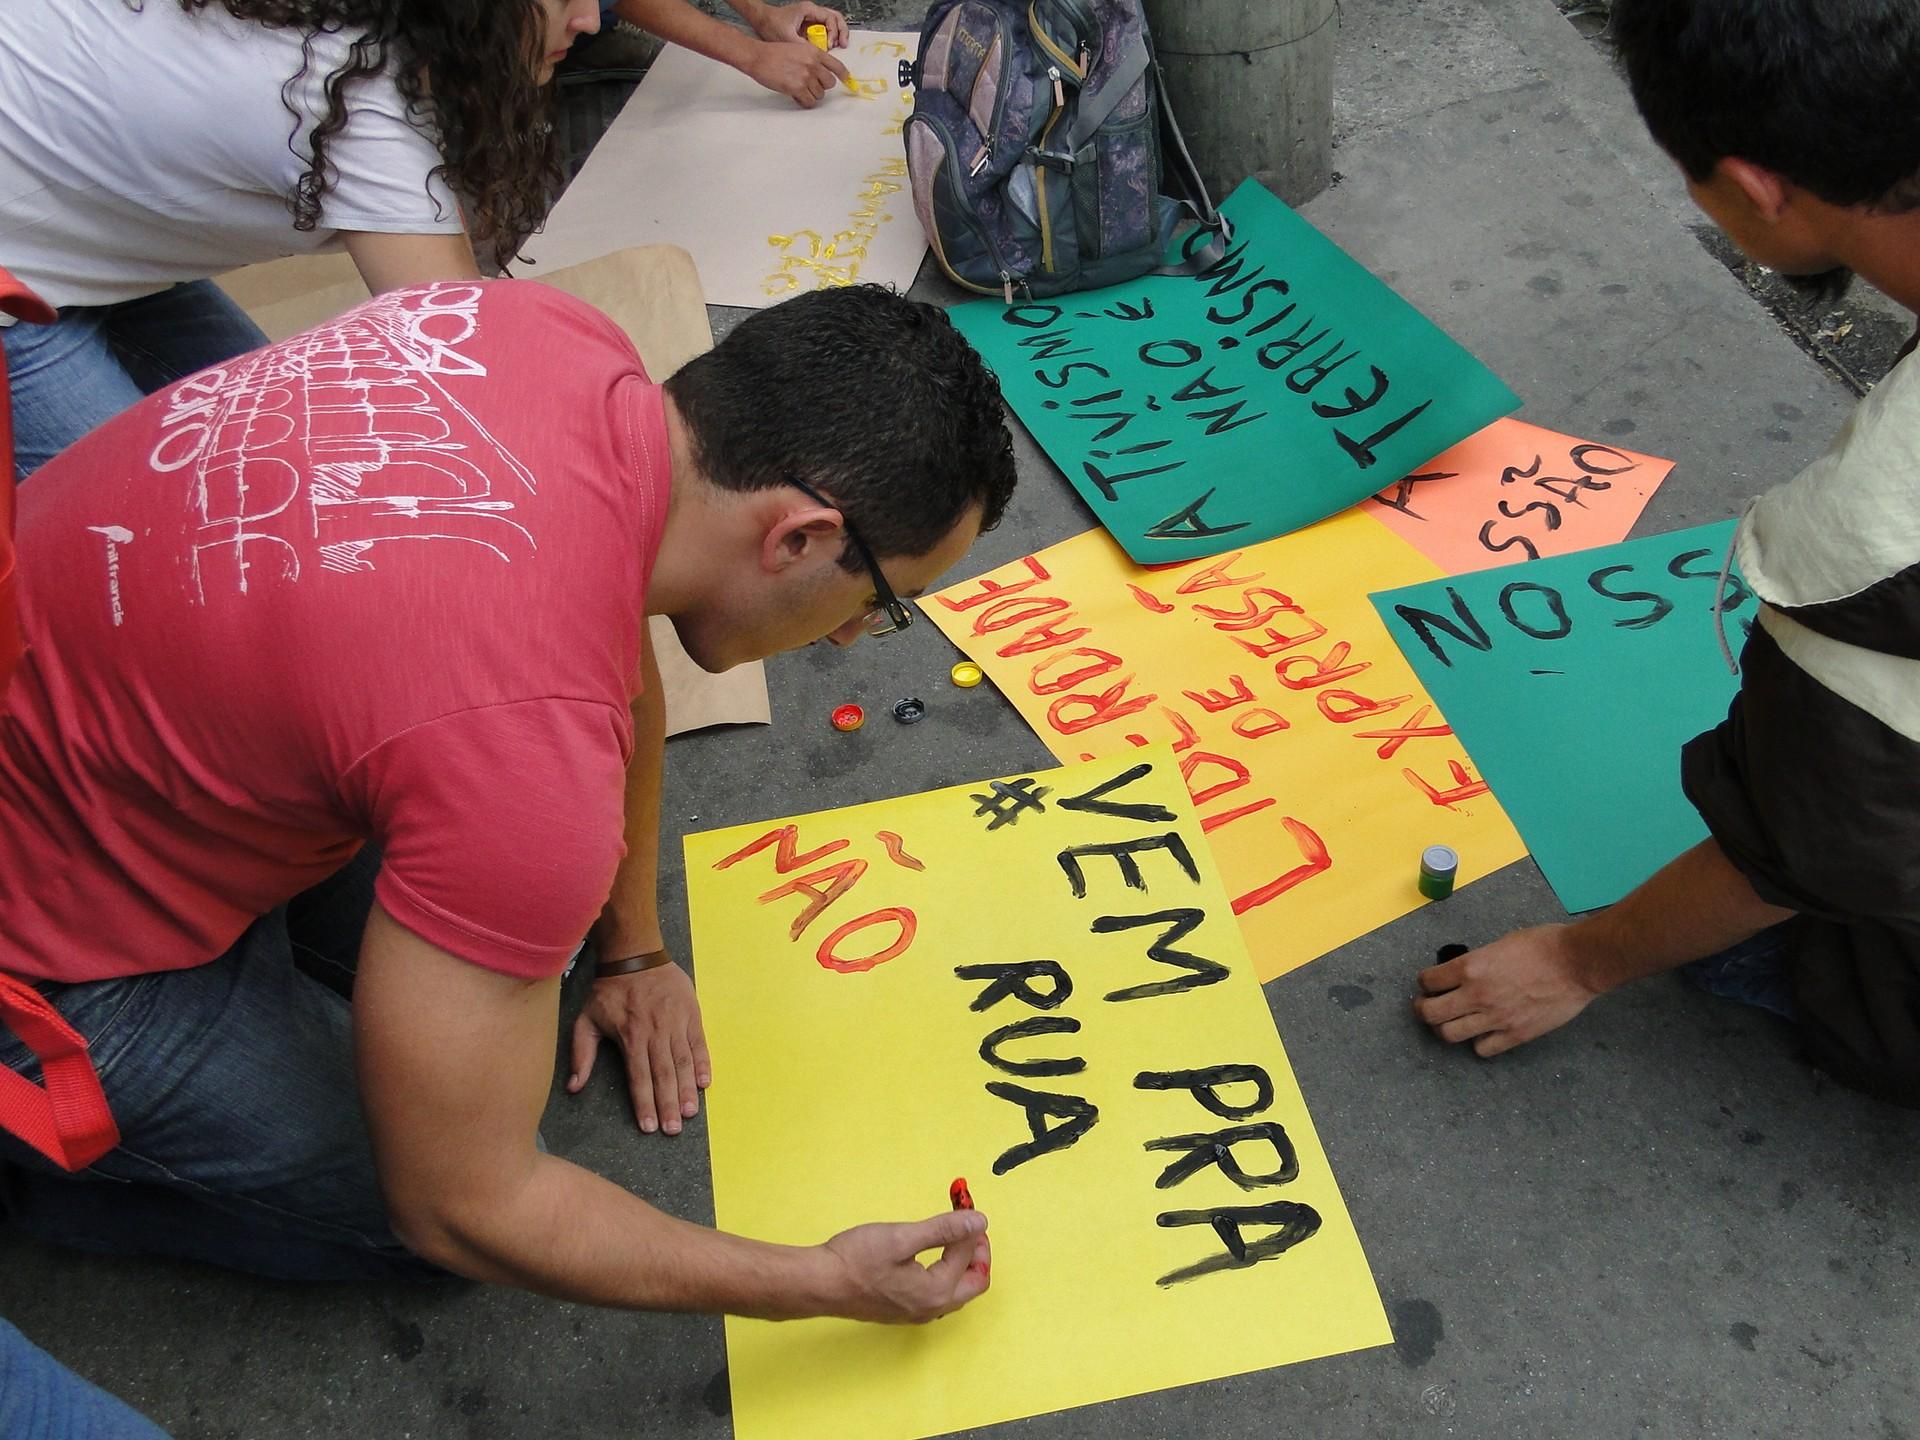 Jovem produz cartaz na manifestação na Praça Sete, em Belo Horizonte (Foto: Raquel Freitas/G1)